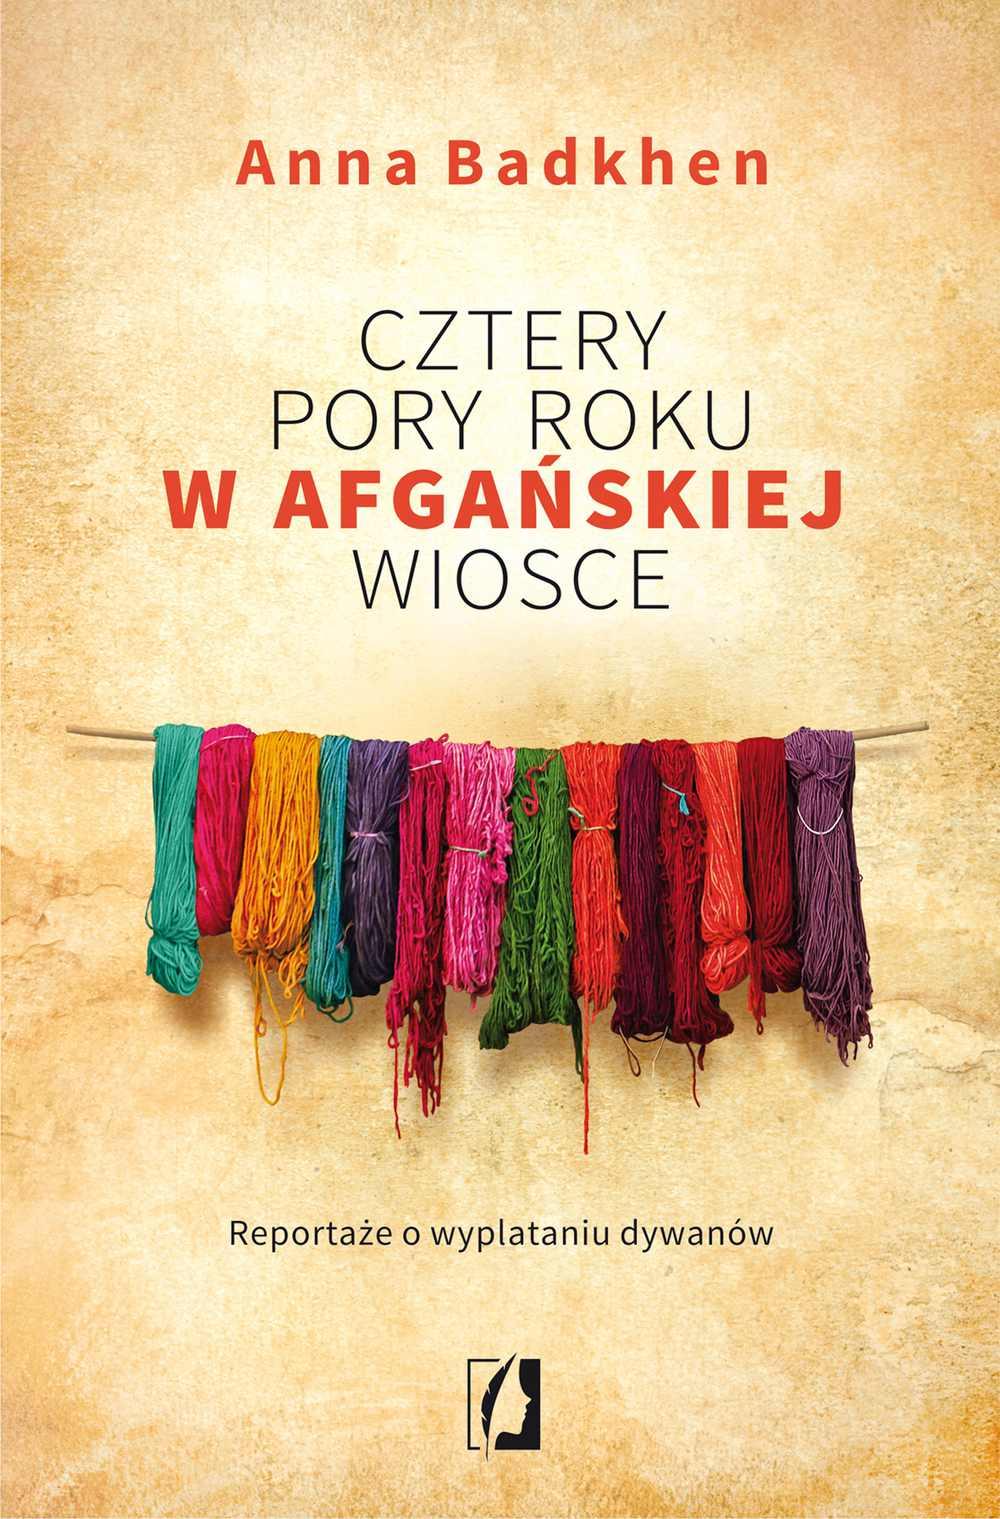 Cztery pory roku w afgańskiej wiosce. Reportaże o wyplataniu dywanów - Ebook (Książka EPUB) do pobrania w formacie EPUB